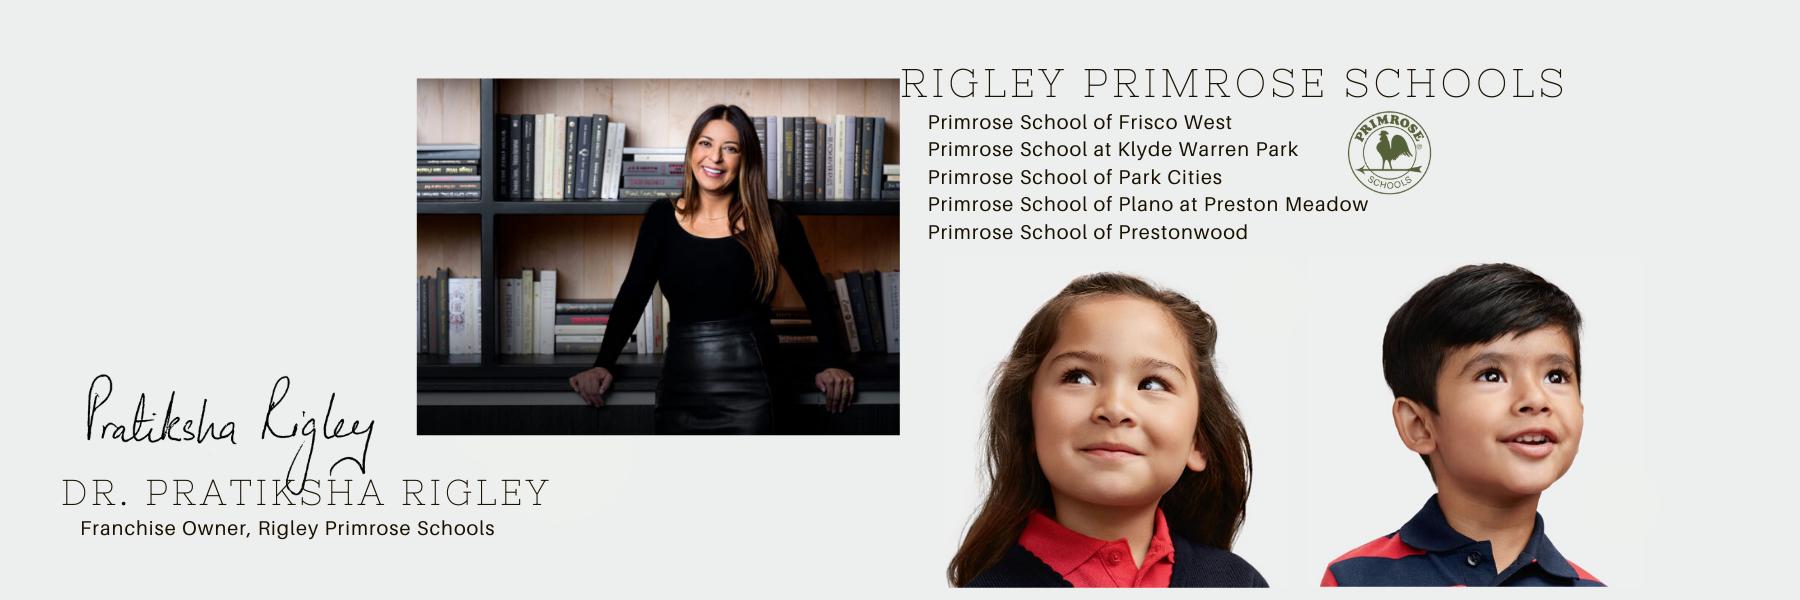 Dr. Pratiksha Rigley, Franchise Owner